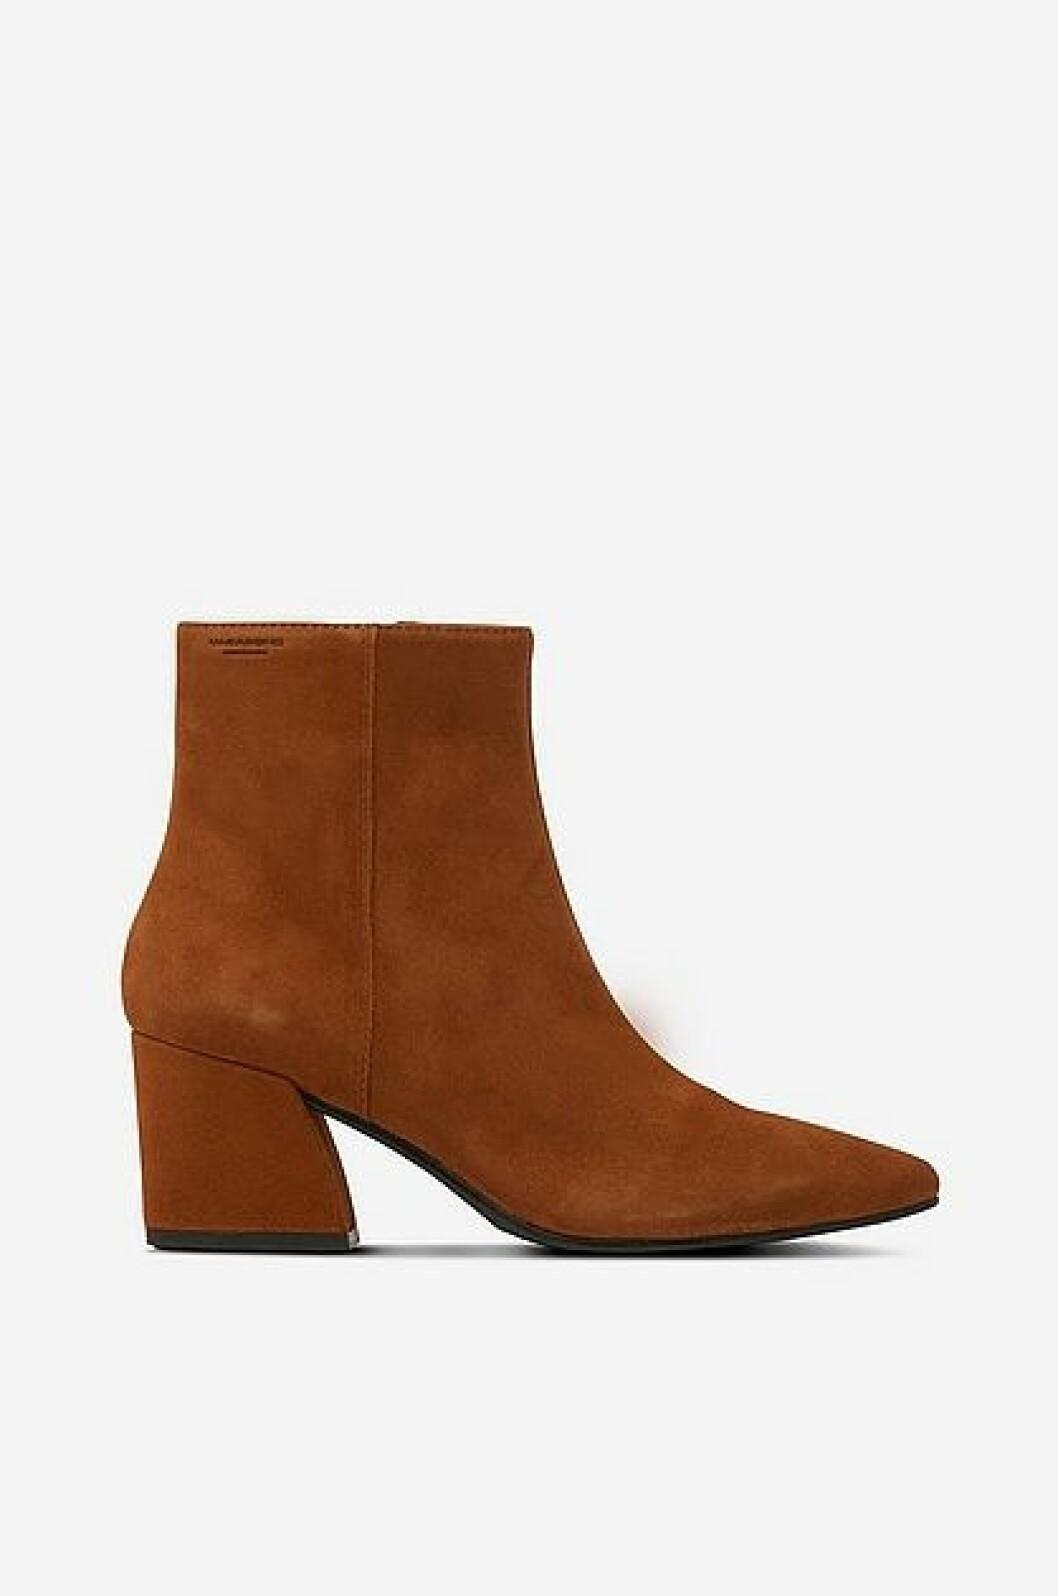 boots Olivia från Vagabond